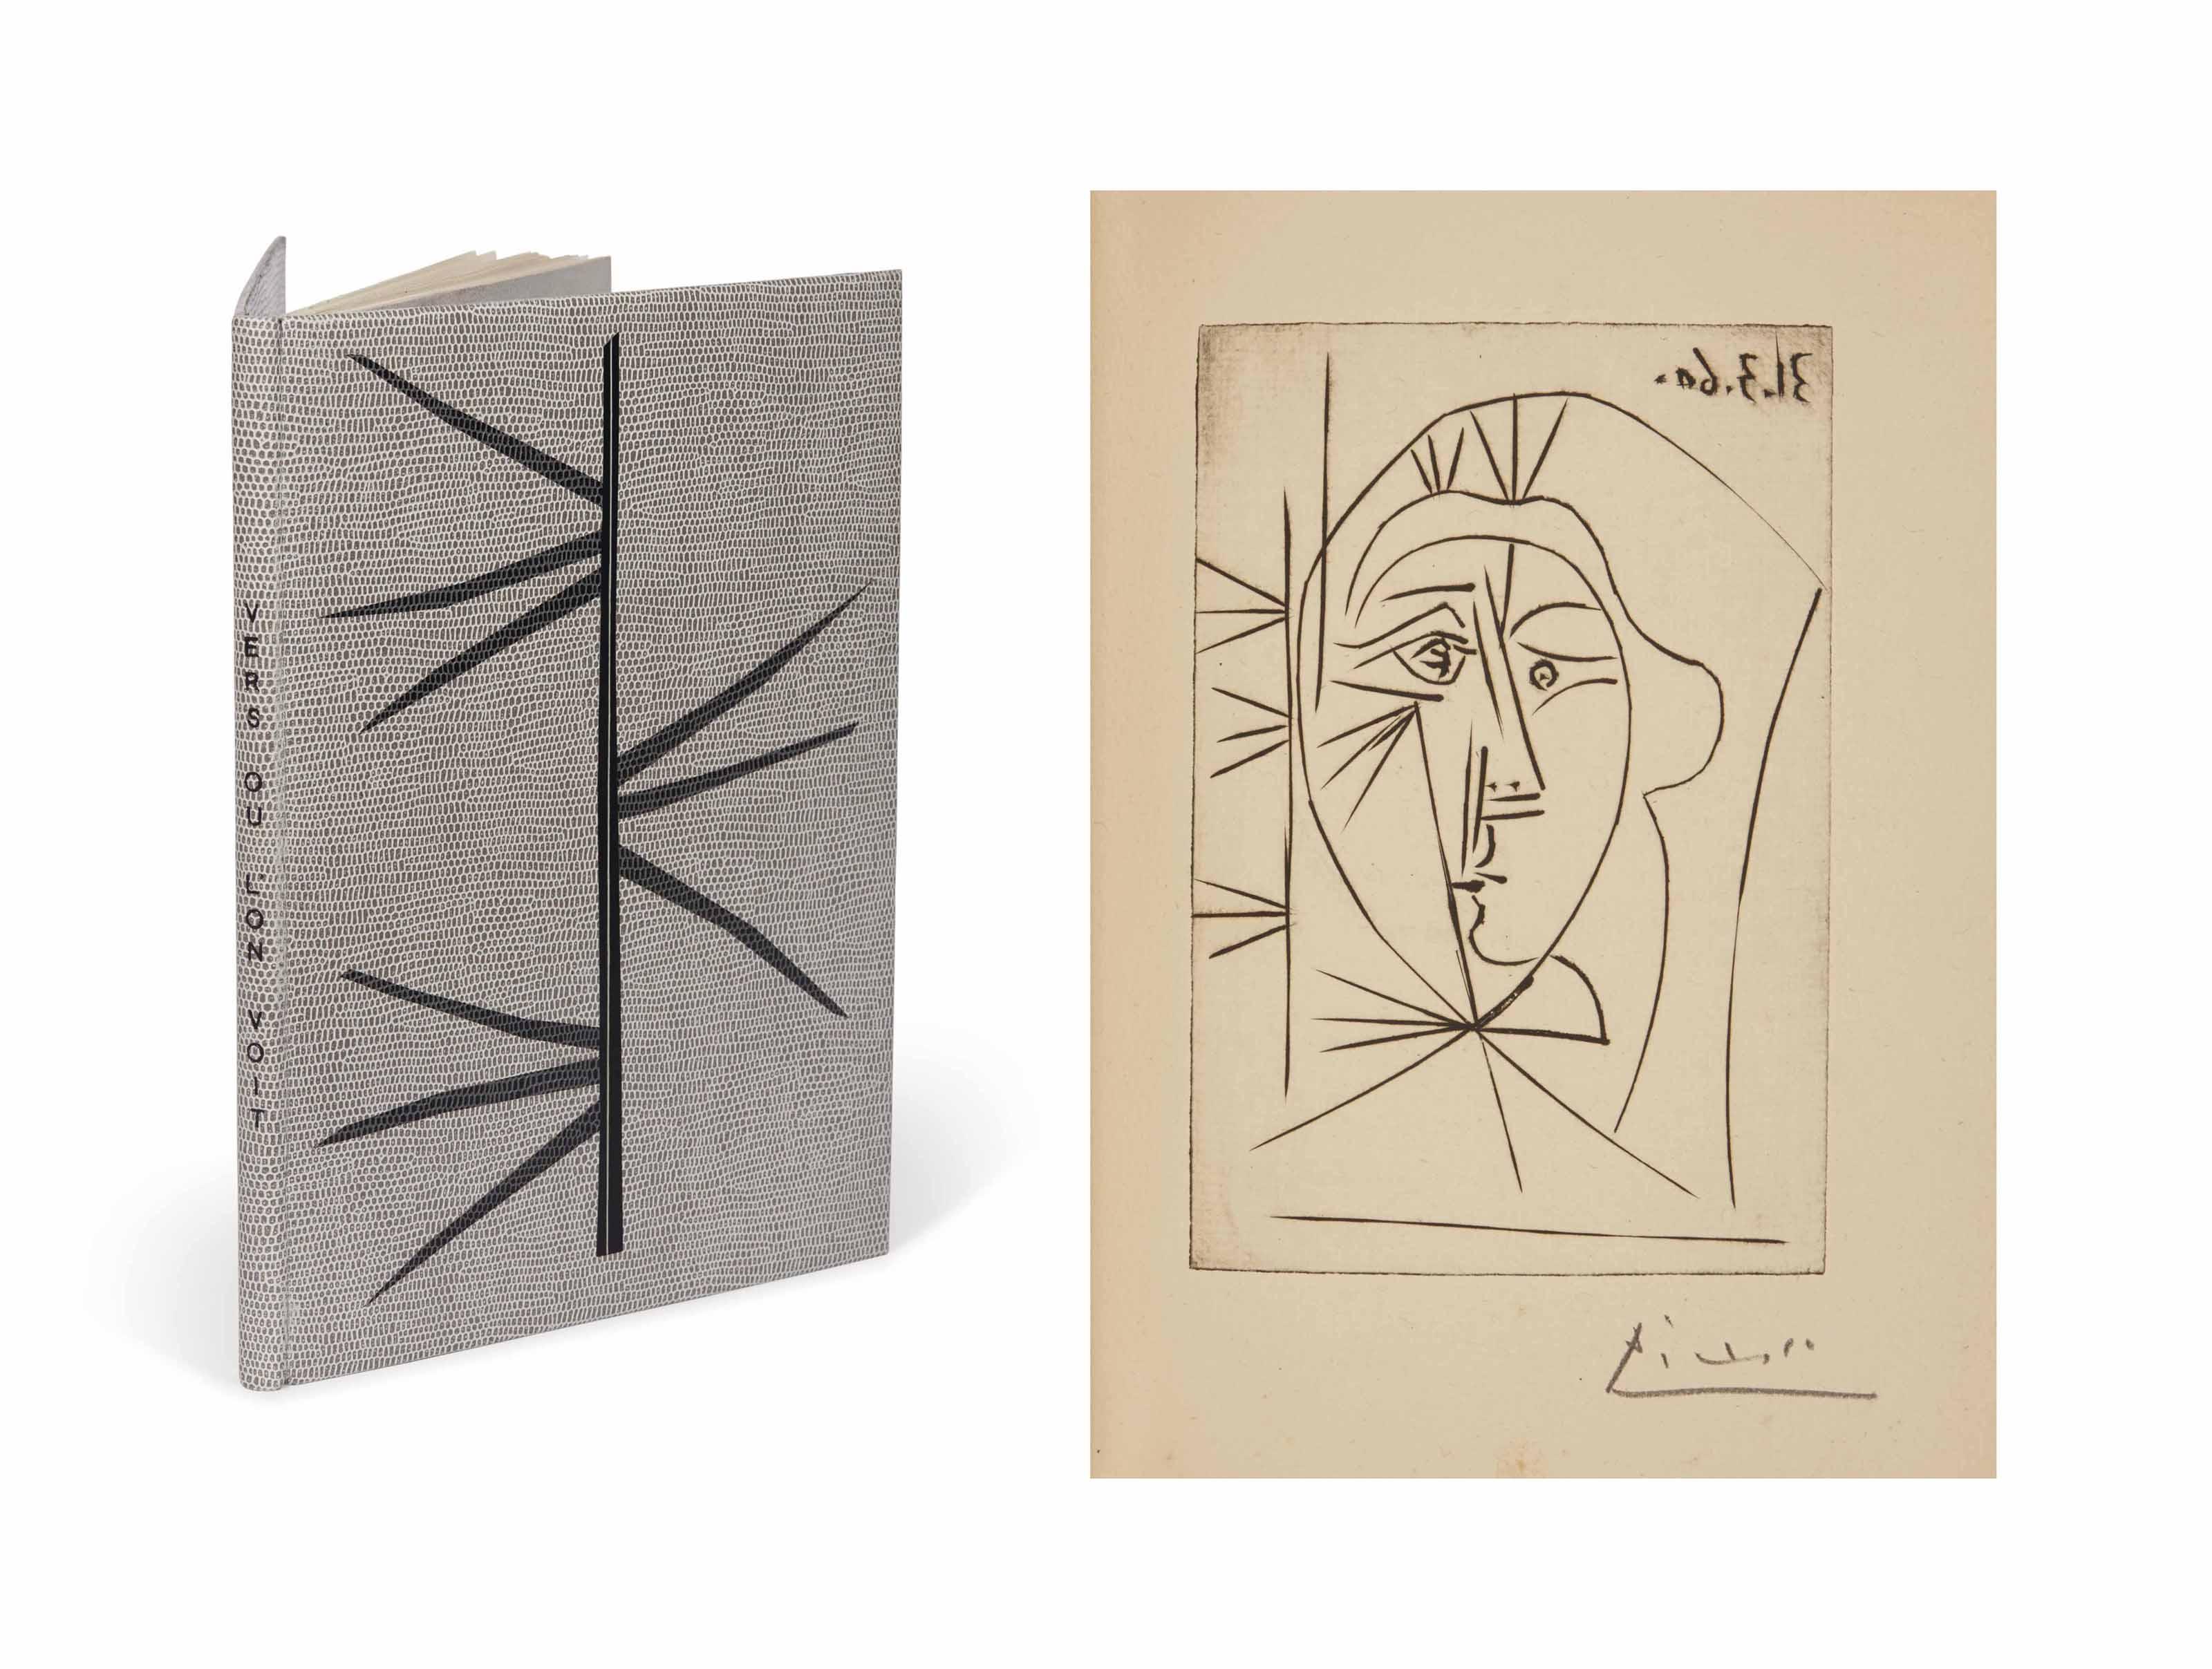 [PICASSO] -- Pierre-André BENOIT (1921-1993). Vers où l'on voit. Alès: [PAB], avril 1960. In-8 (229 x 169 mm). Eau-forte originale de Picasso en frontispice, signée au crayon. Reliure signée Leroux au contreplat et datée 1986, veau gris clair imitant la peau de serpent, grand motif vertical mosaïqué sur les plats composé d'une fine bande de box noir et de 9 fines bandes noires imitant le serpent, dos lisse avec le titre en long à l'oeser noir, doublure bord à bord de veau noir imitant le serpent, avec reprise du décor, gardes de daim gris, tête dorée, couverture, chemise et étui assortis.